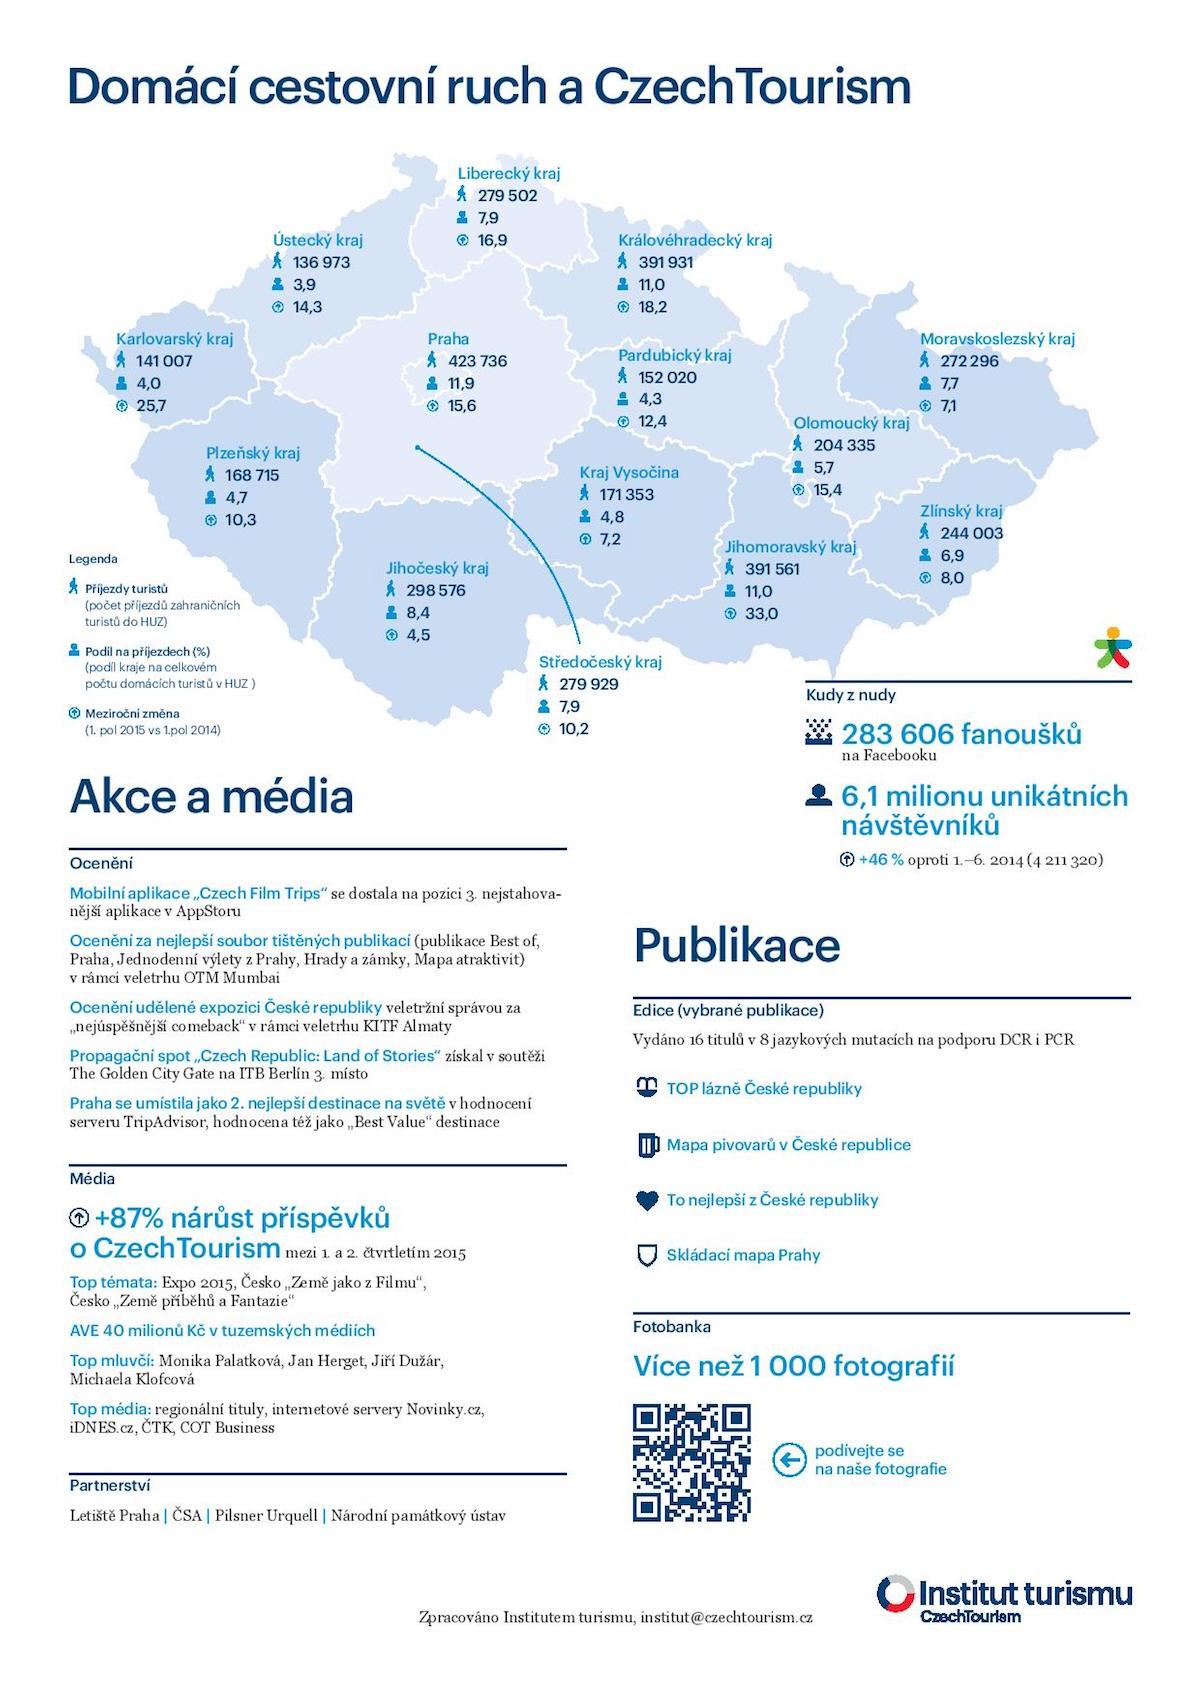 Aktivity CzechTourismu za 1. pololetí 2015: domácí cestovní ruch